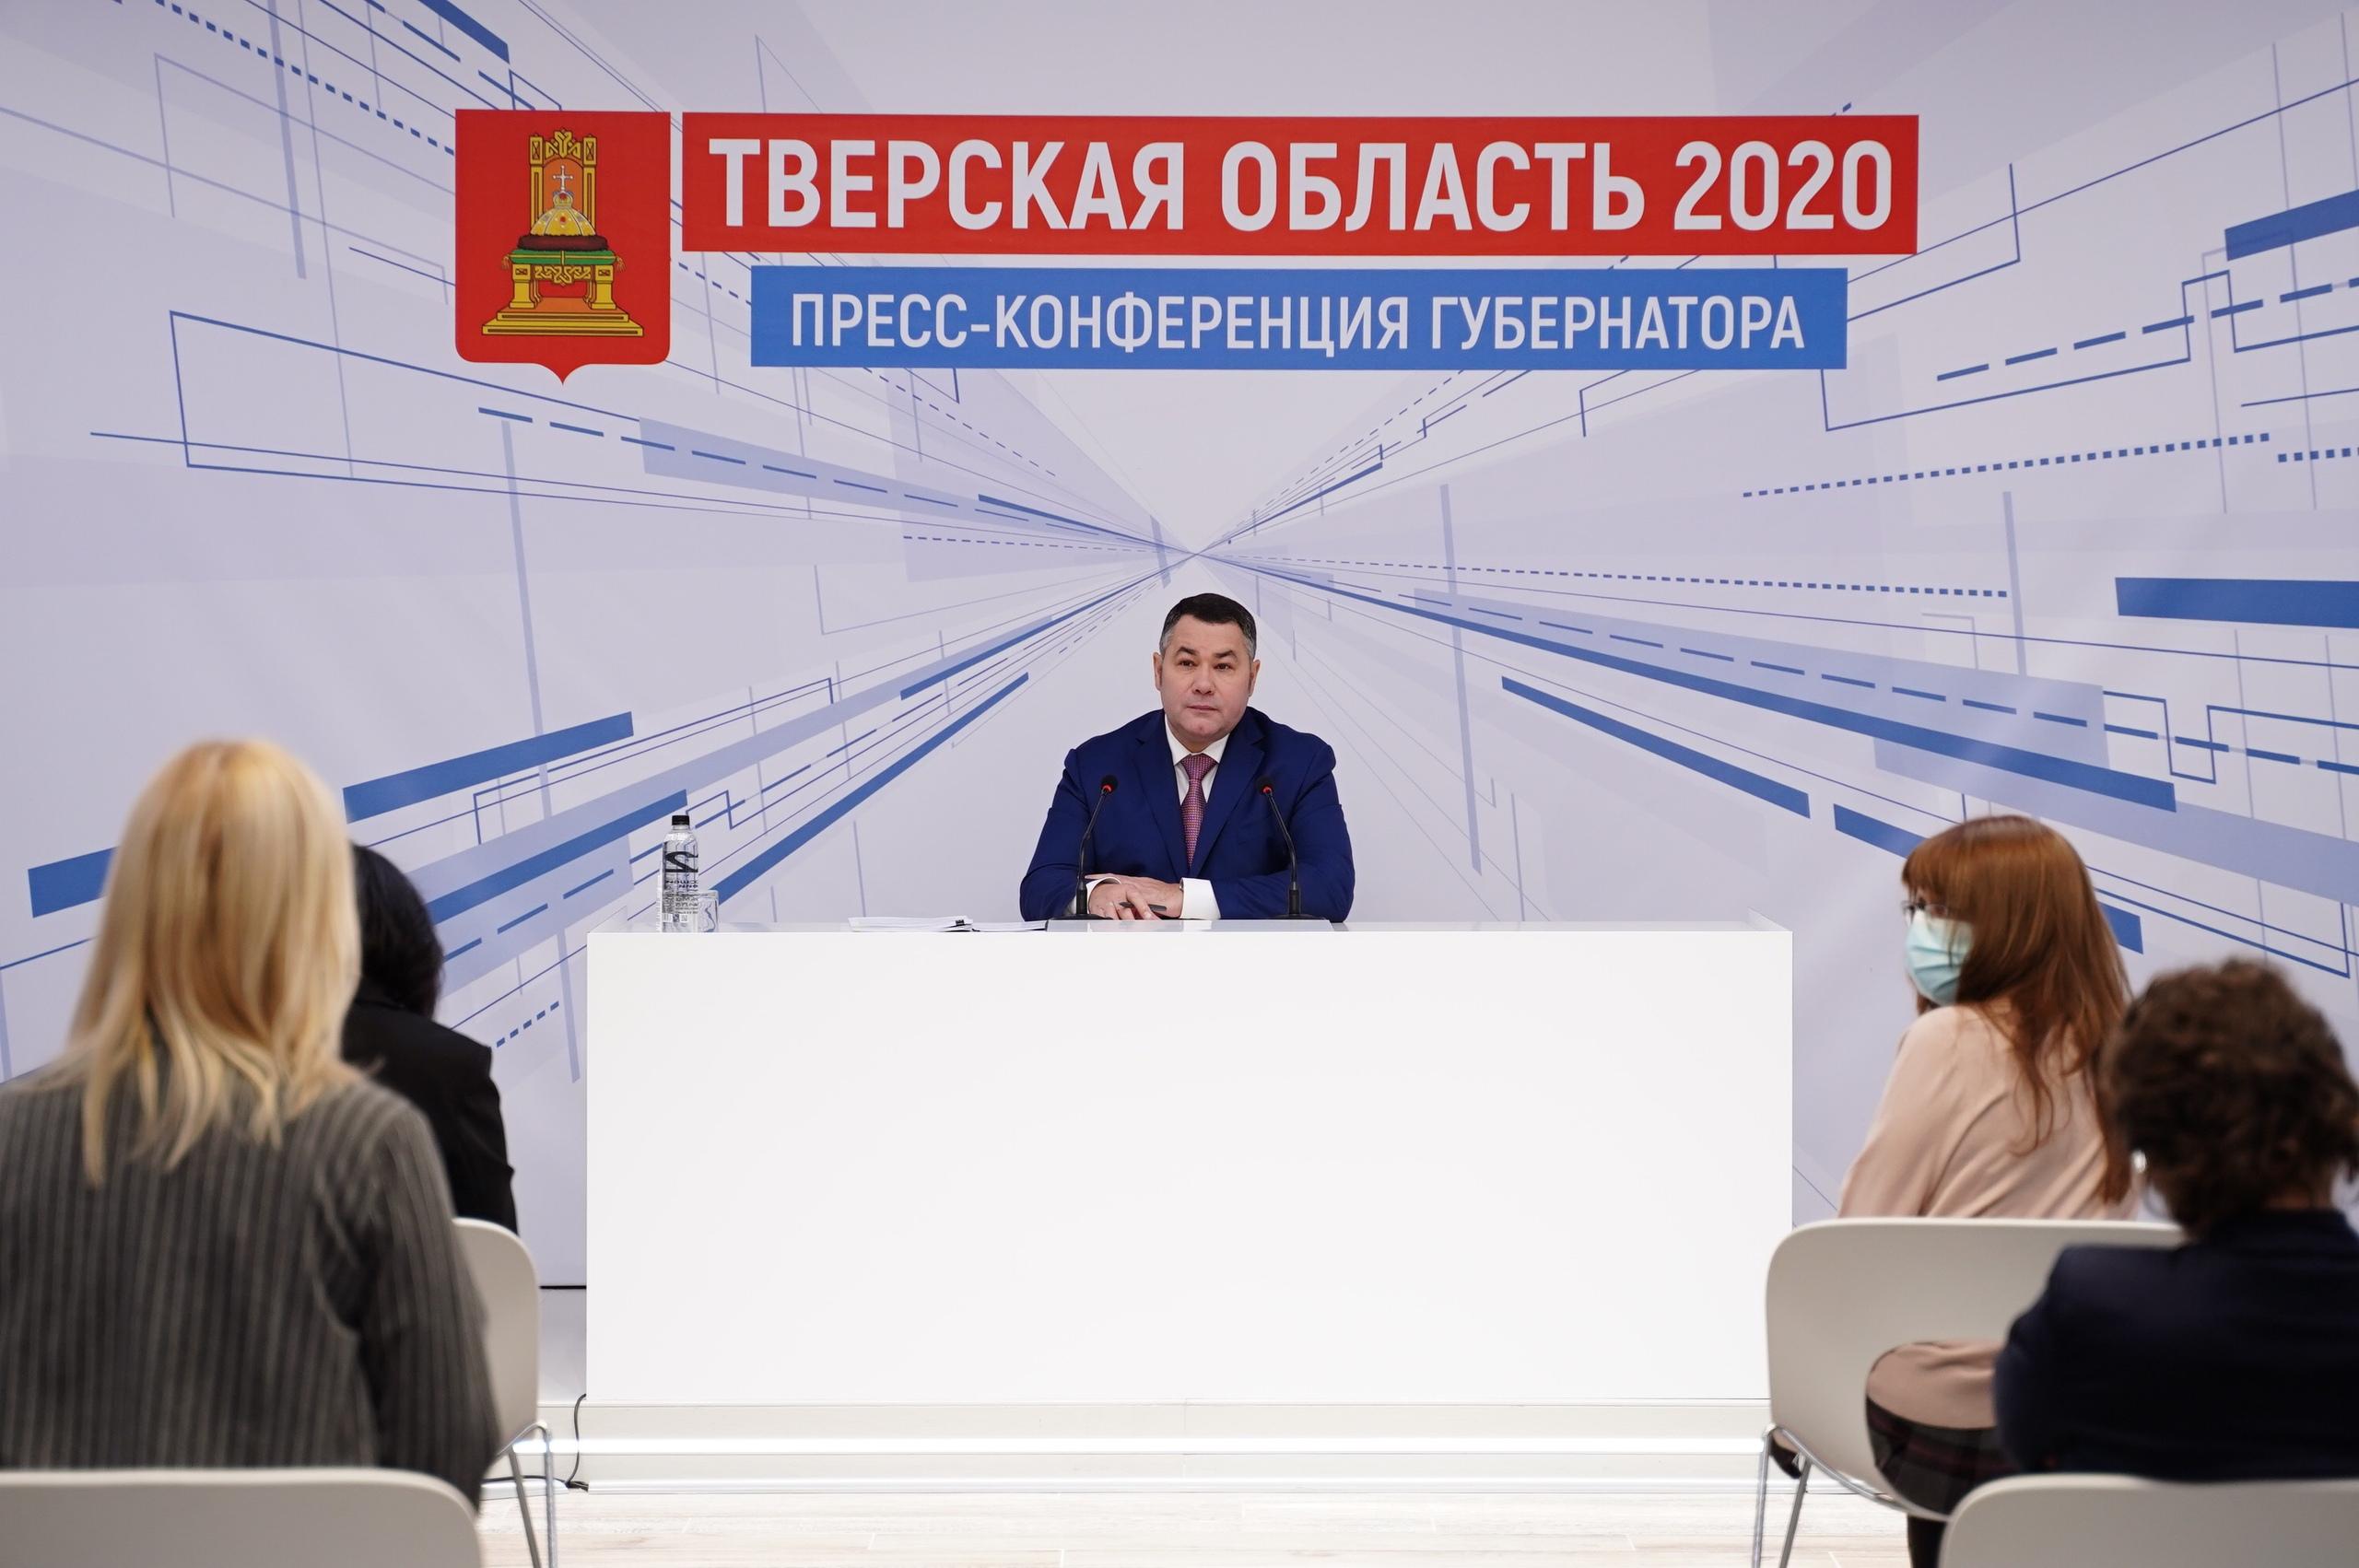 Что даст Тверской области строительство высокоскоростной железнодорожной магистрали